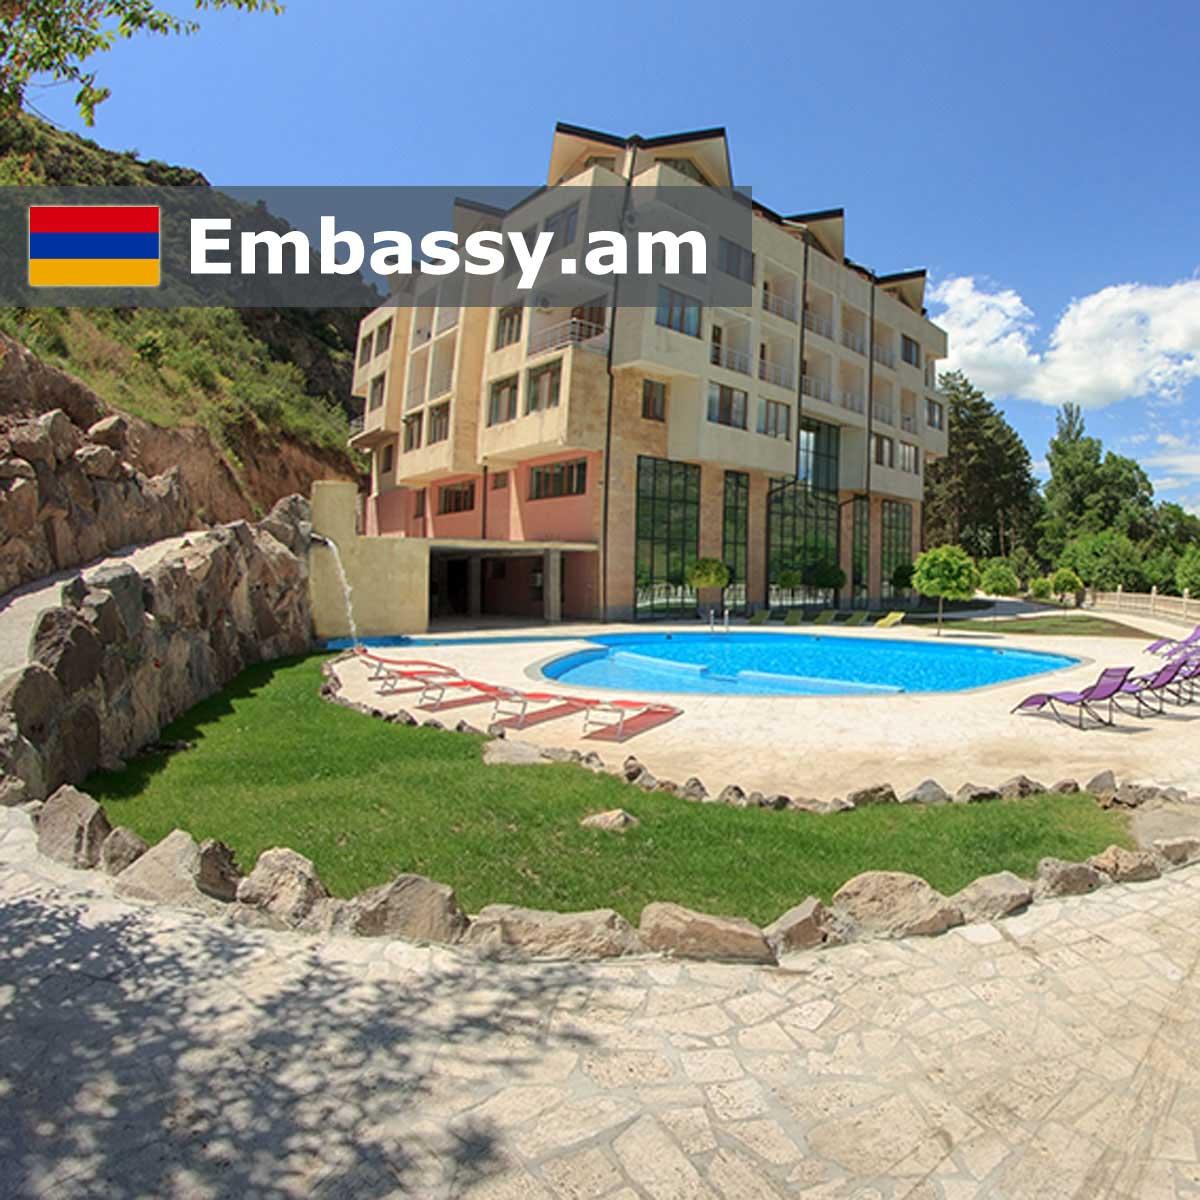 Арзни - Отели в Армении - Embassy.am